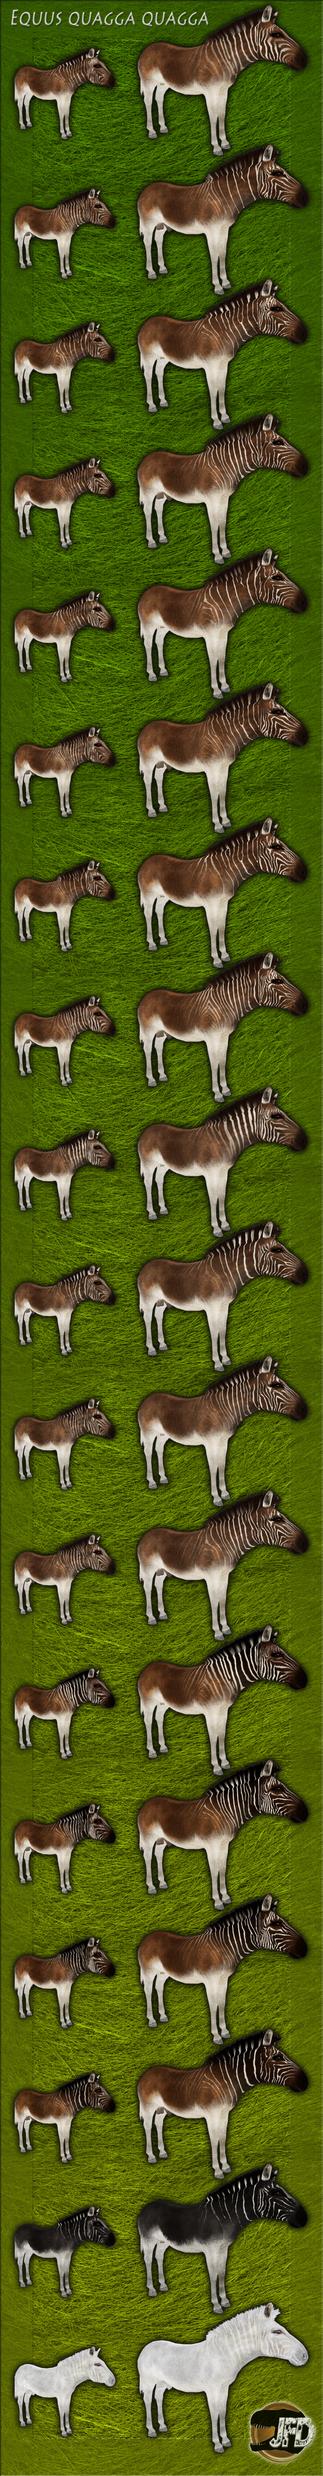 Equus quagga quagga by MrGorsh